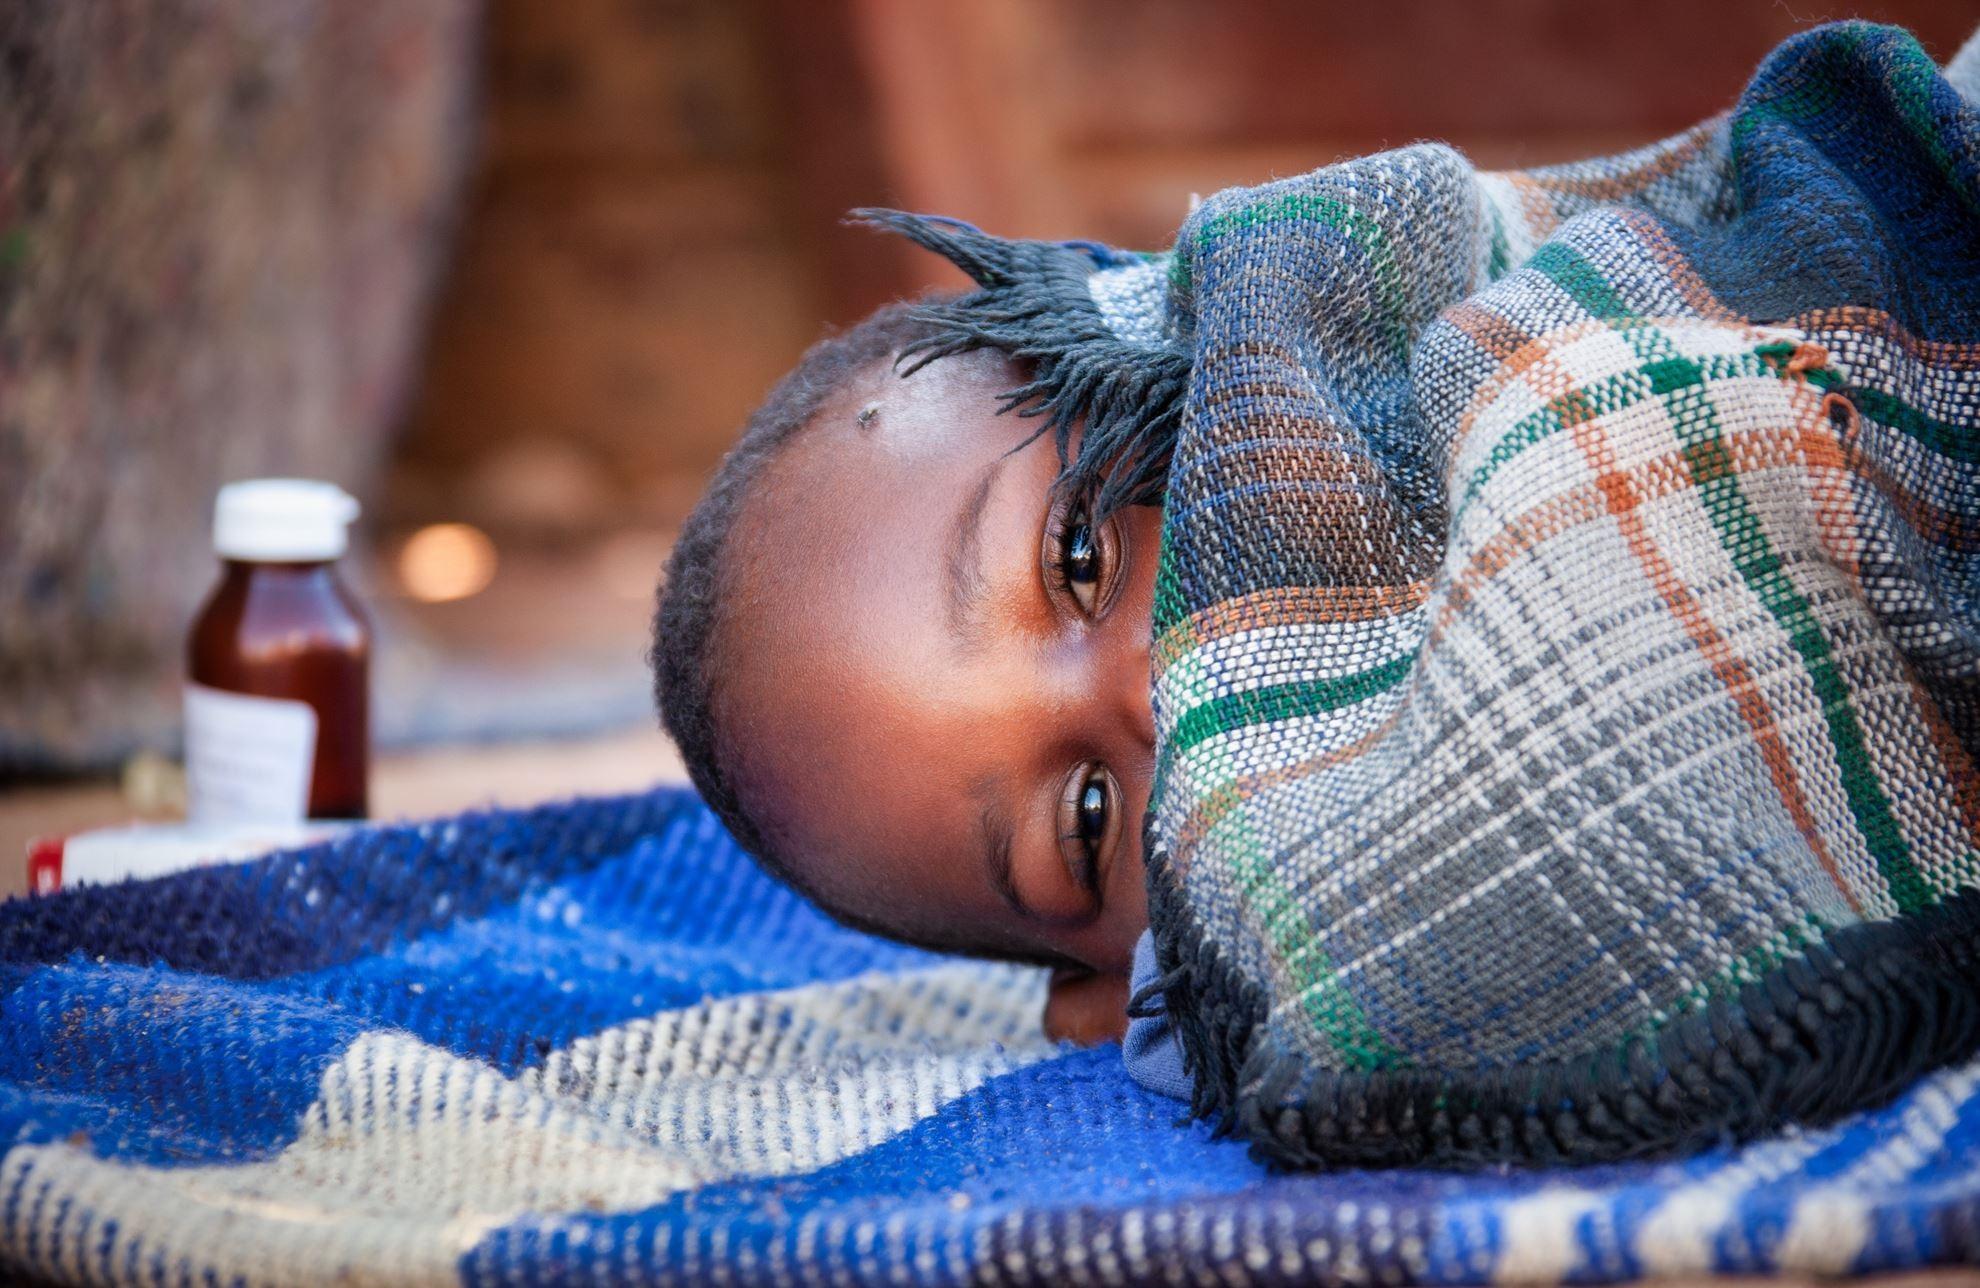 LE VACCIN D'OXFORD CONTRE LE PALUDISME S'AVERE TRES EFFICACE DANS UN ESSAI AU BURKINA FASO